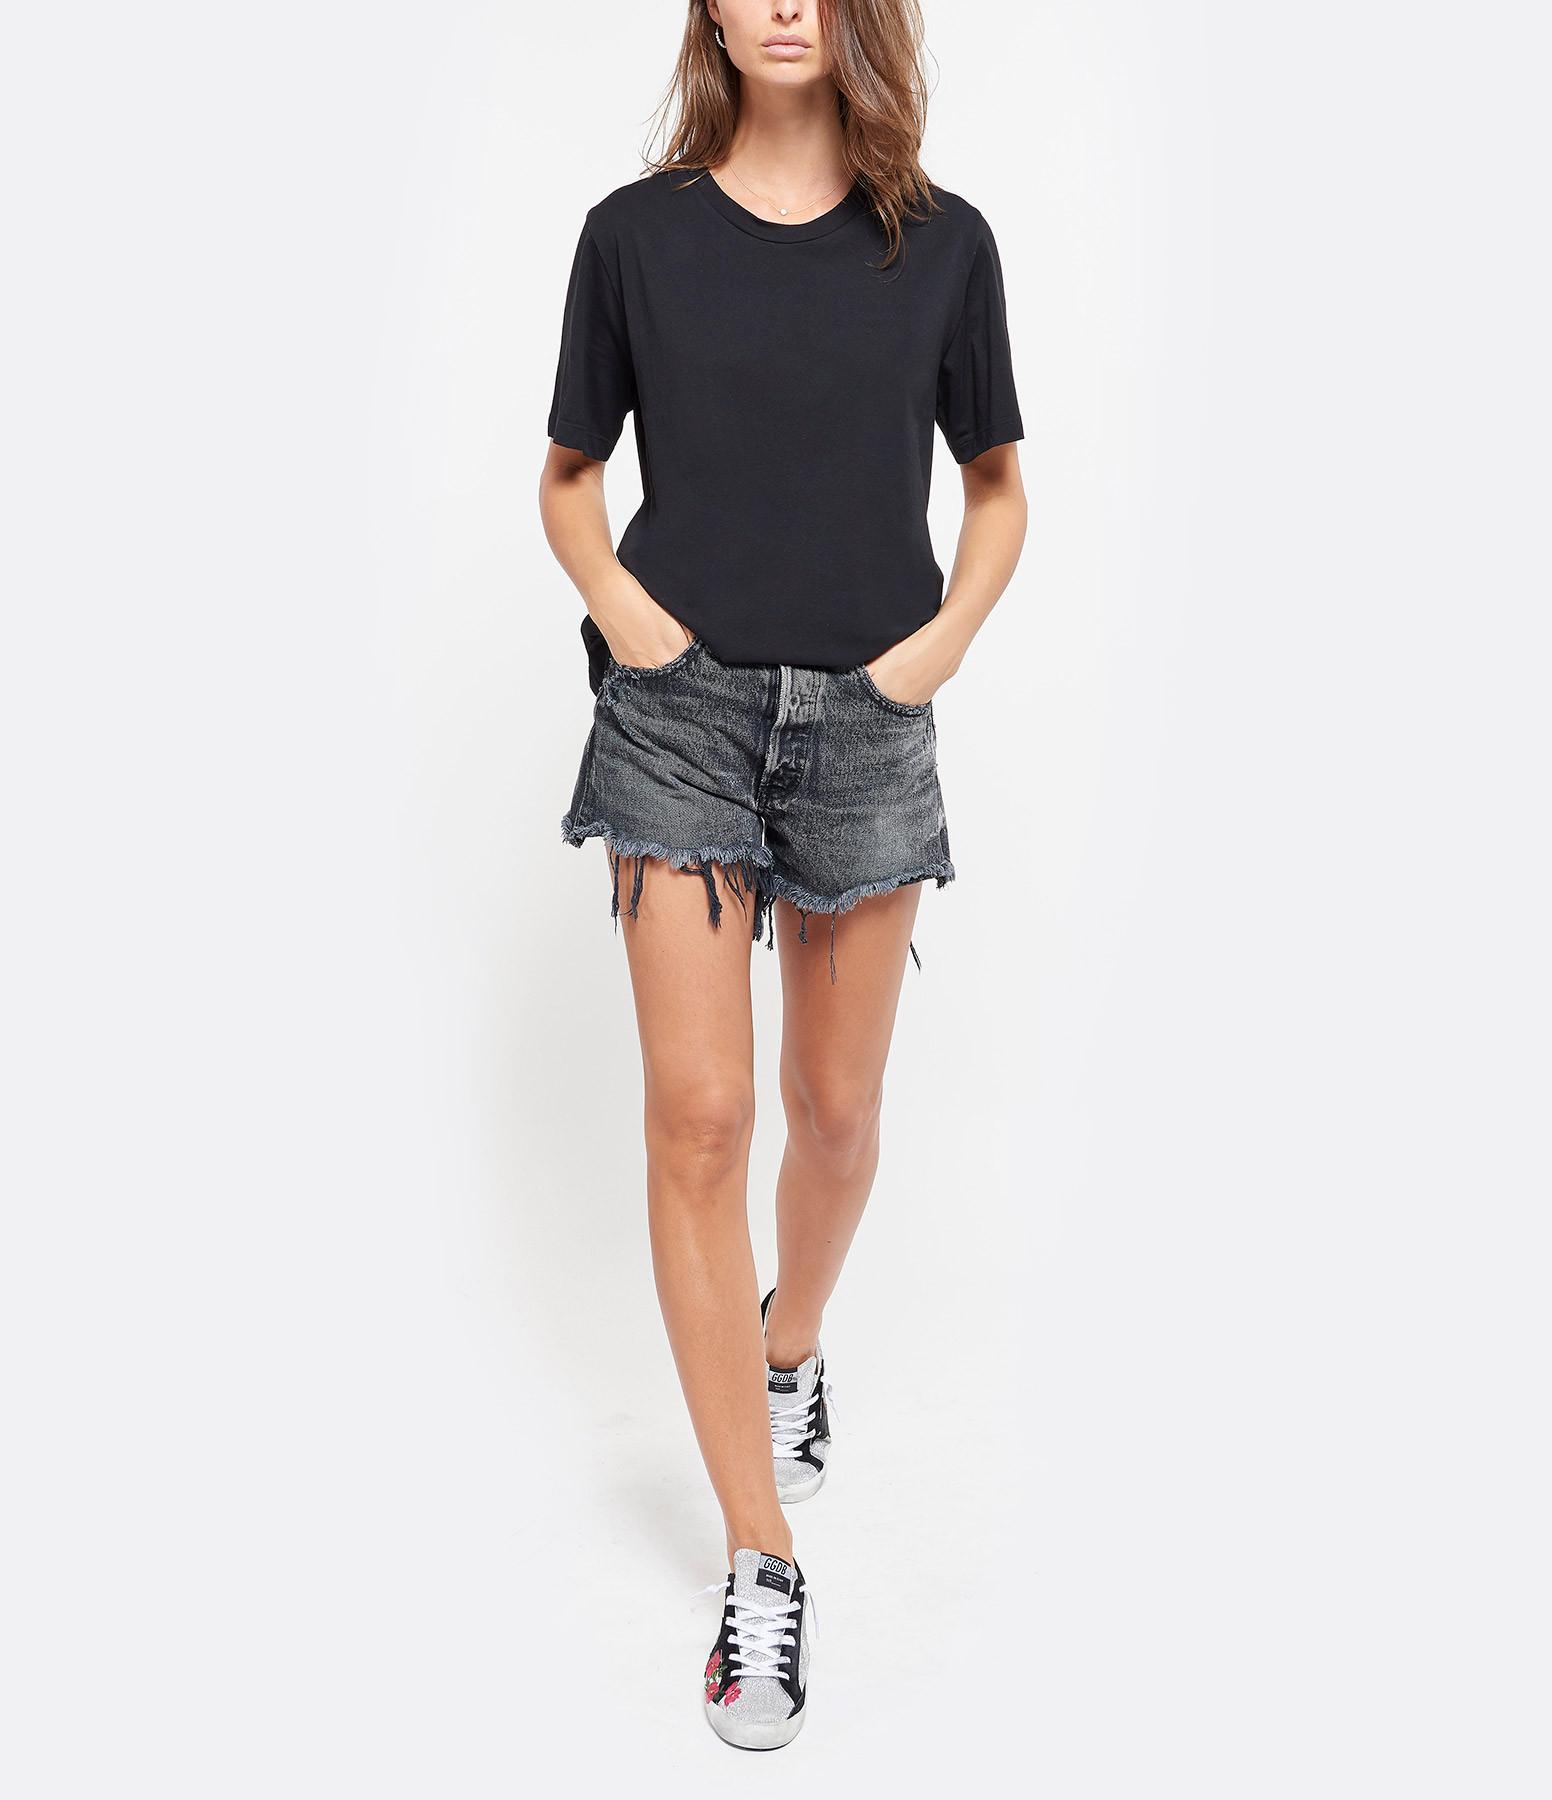 MM6 MAISON MARGIELA - Tee-shirt Coton Imprimé Noir